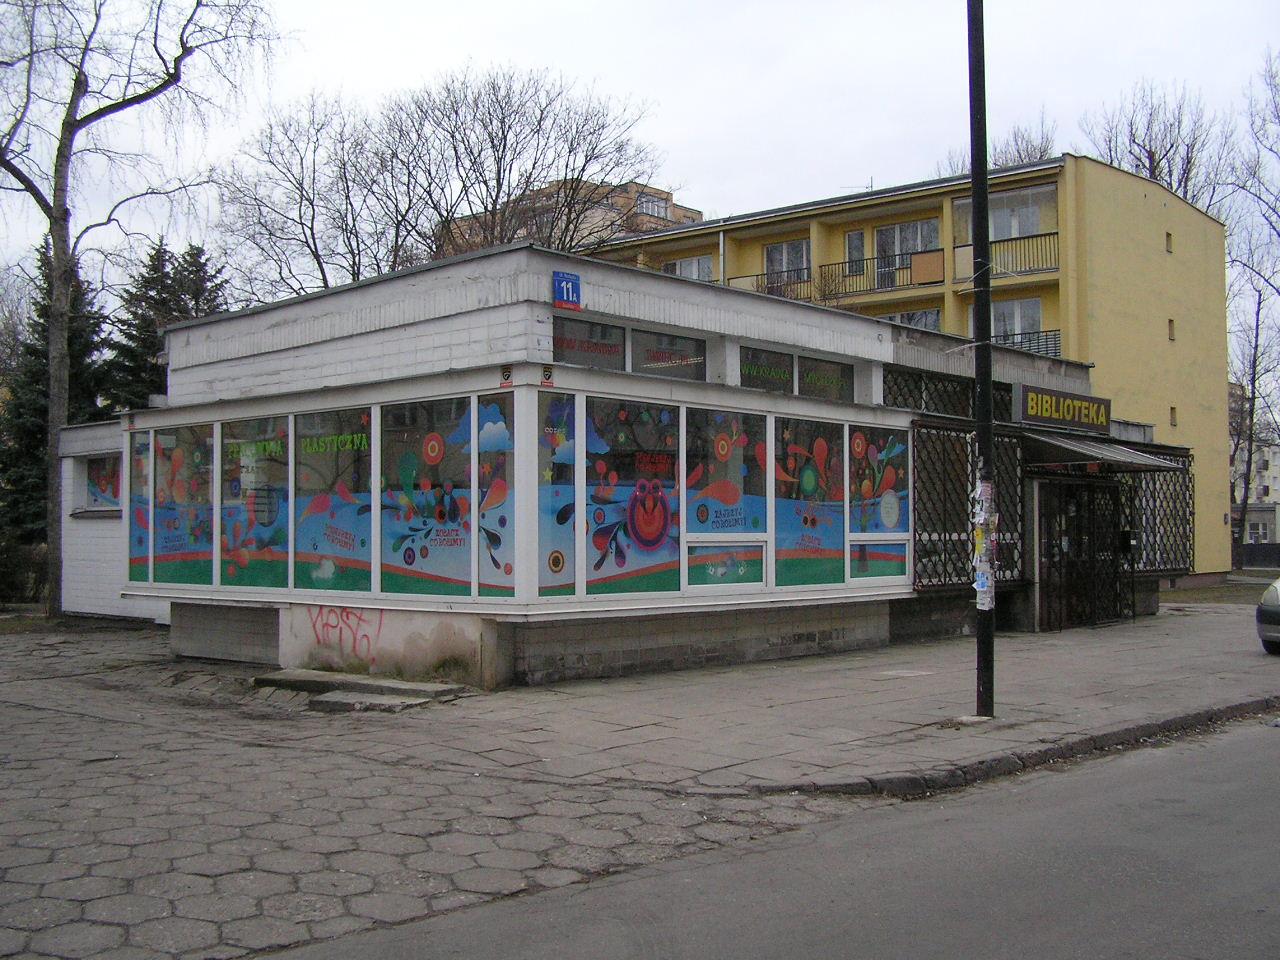 Budynek przy ulicy Rozłuckiej 11A na Grochowie